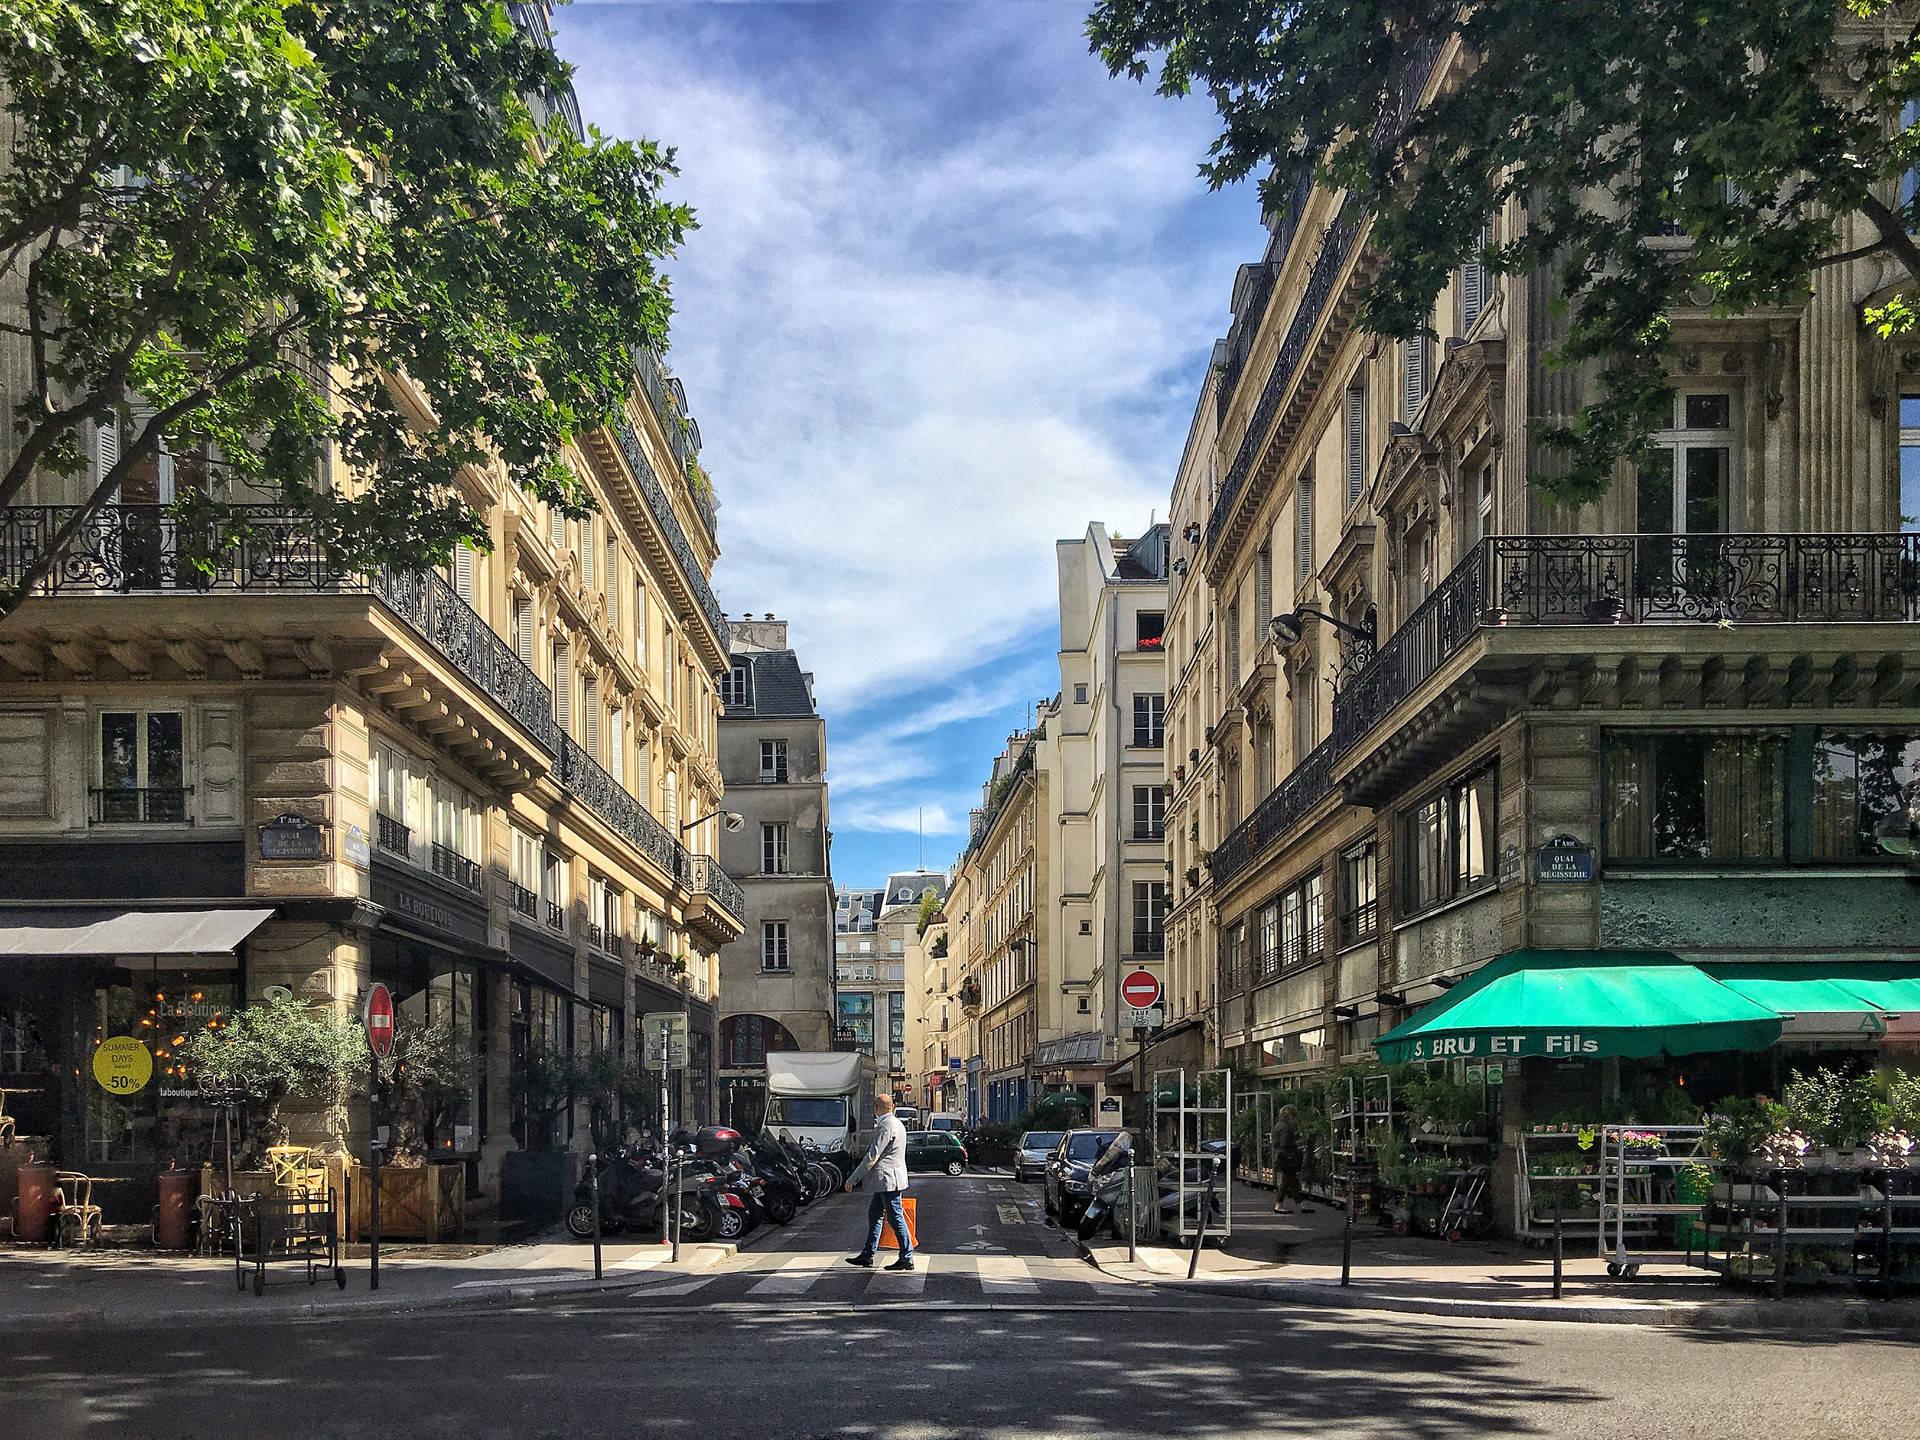 原创             为什么法国乡村旅游体验,会比其他欧美国家更好?一篇文章说清楚!